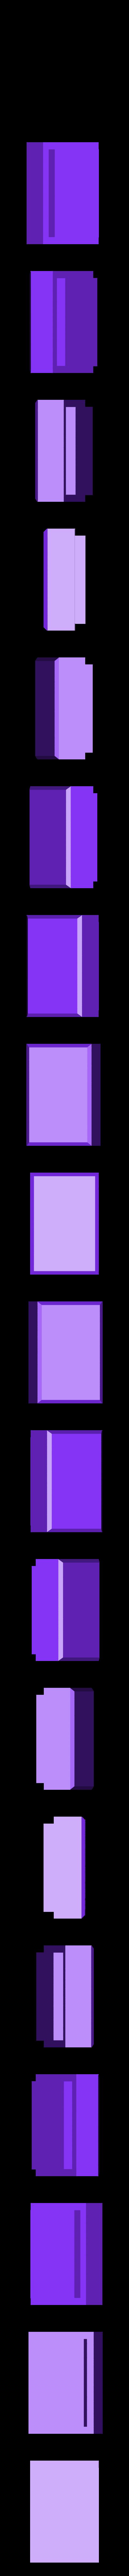 BlockBack14_07.stl Download STL file Playing Card Tiles • Object to 3D print, Jinja